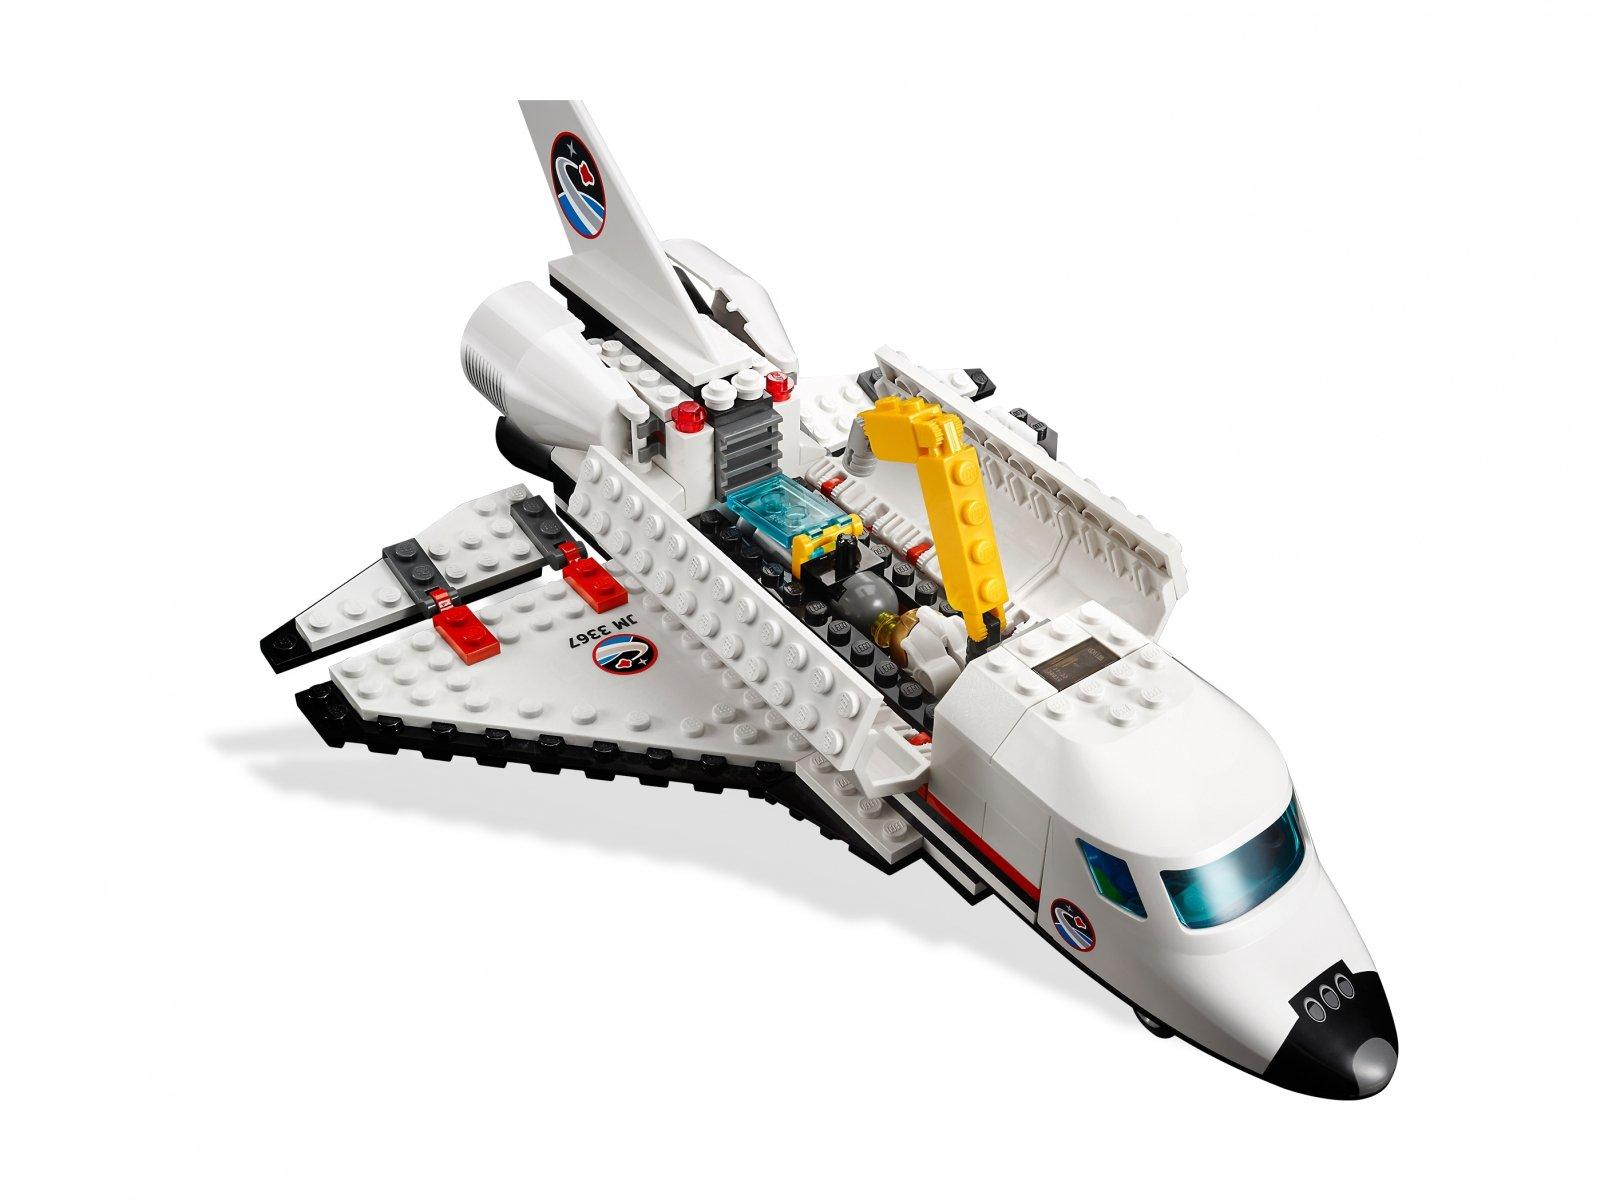 LEGO 3367 City Prom kosmiczny